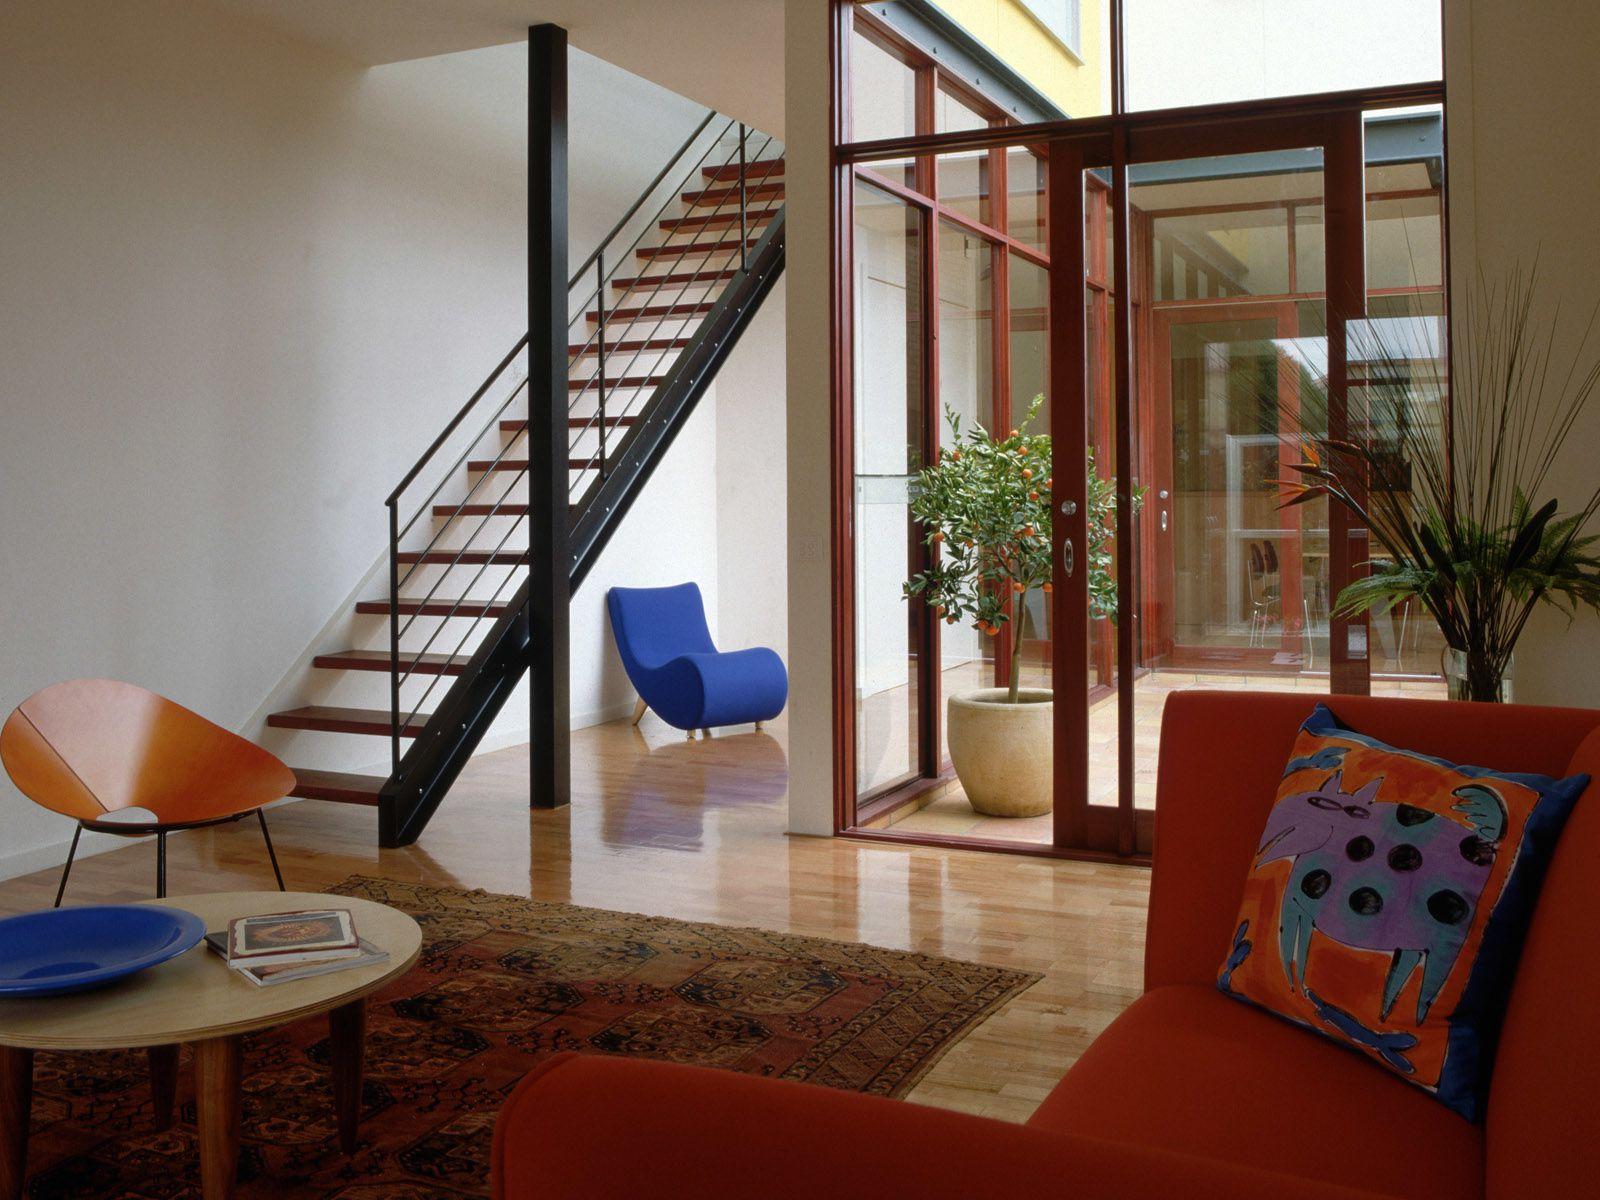 Canapé - Escalier - Décoration - Wallpaper - Free